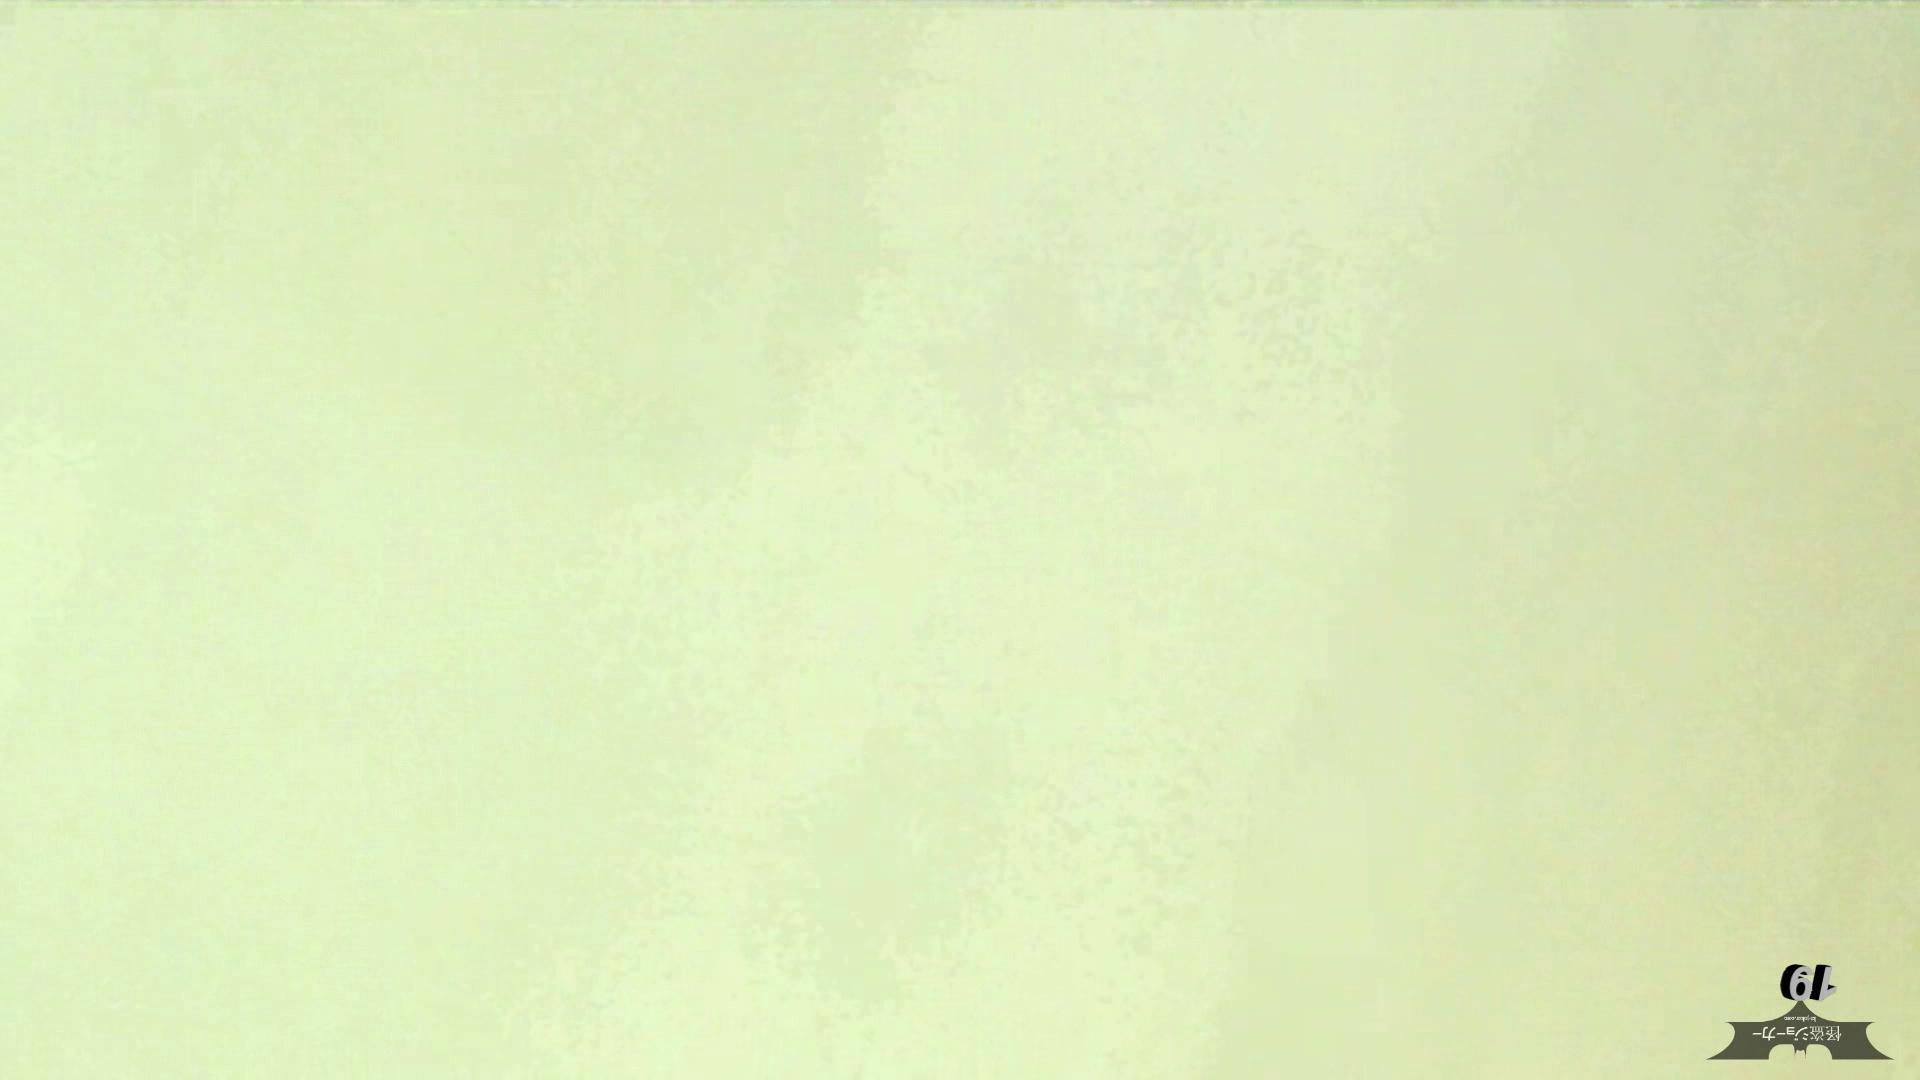 阿国ちゃんの「和式洋式七変化」 (NEW)19 「雫」はしっかりと切るんです! 盛合せ オメコ動画キャプチャ 88枚 38